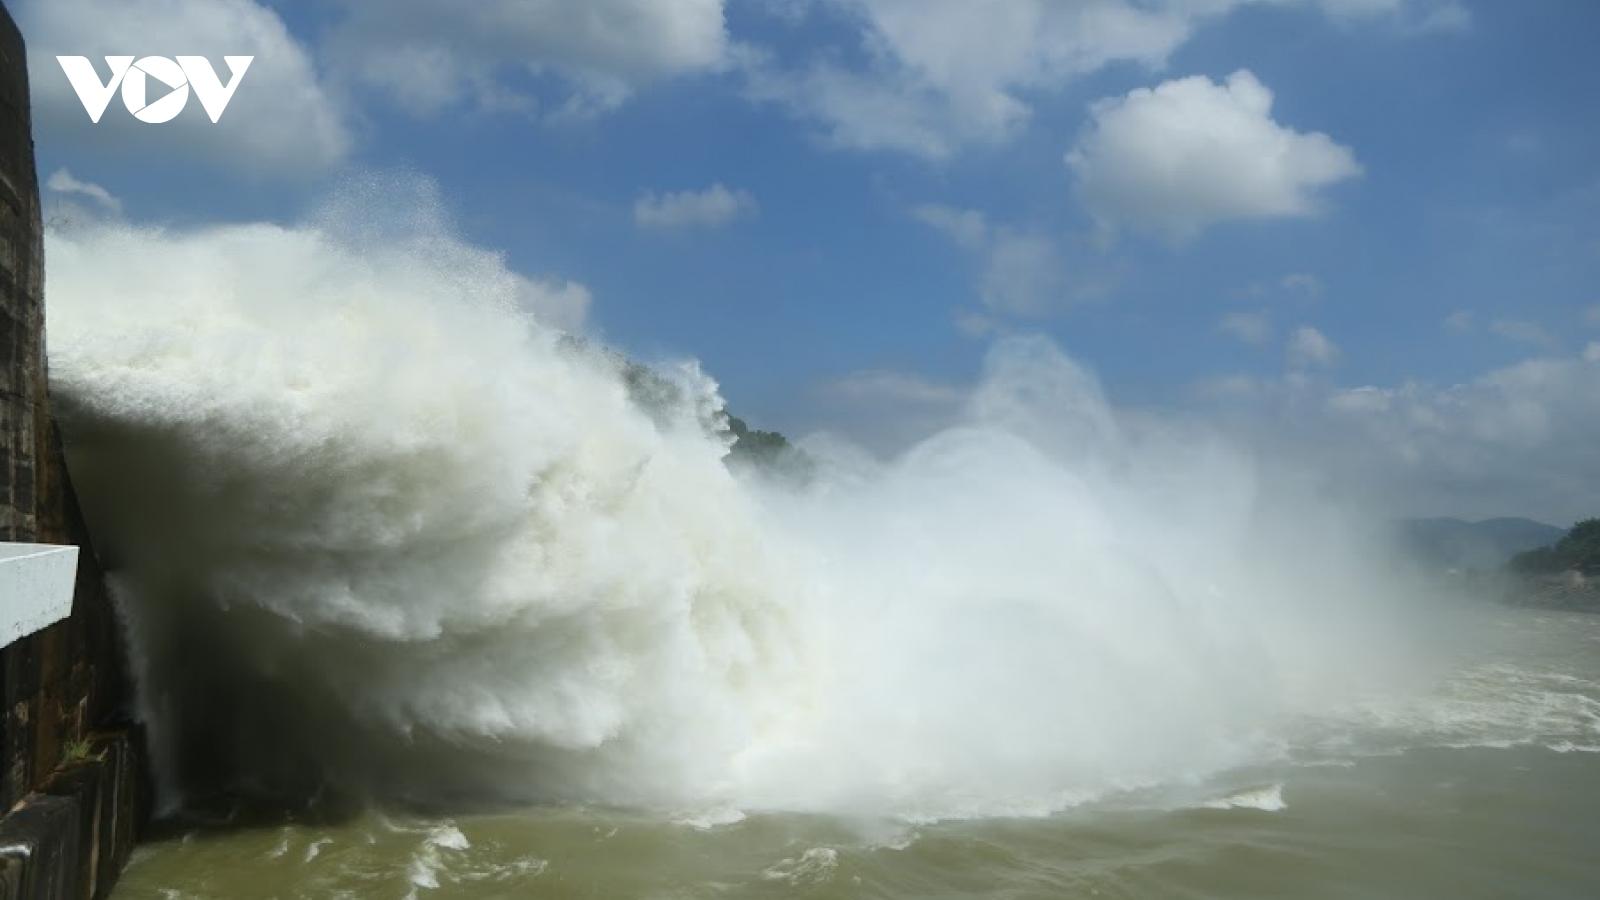 Cần theo dõi chặt việc xả lũ khẩn cấp ở hồ thủy điện Sơn La và Thác Bà